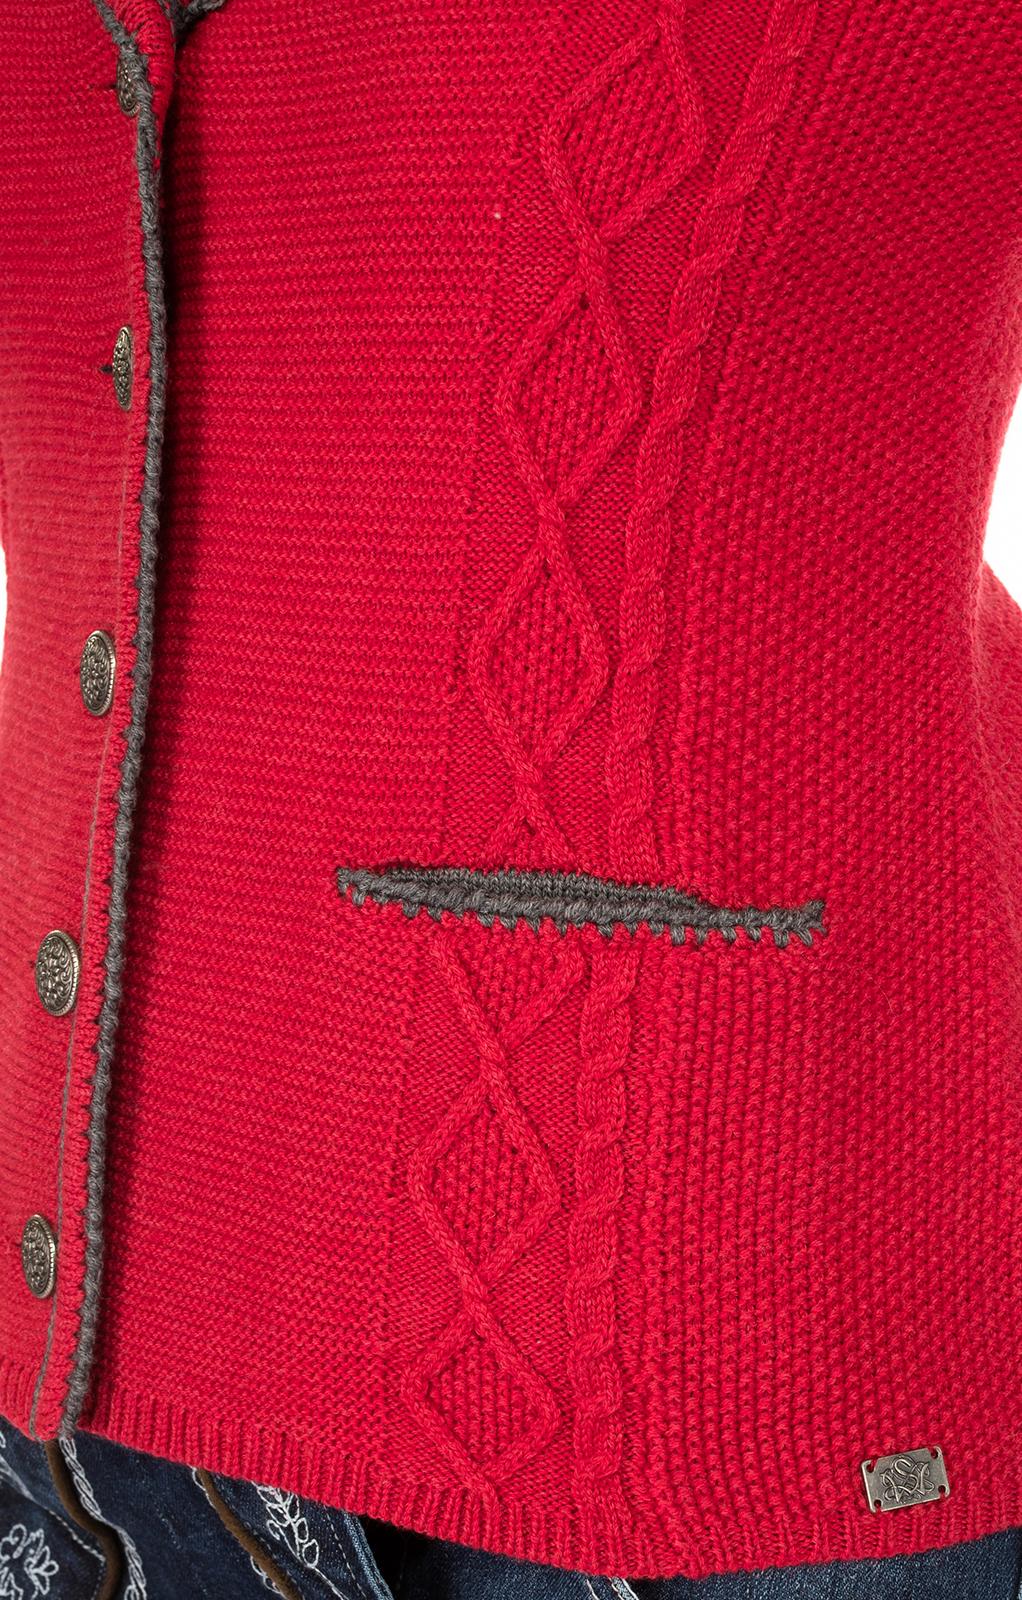 weitere Bilder von Trachtenstrickjacke GIANNA Reversform rot